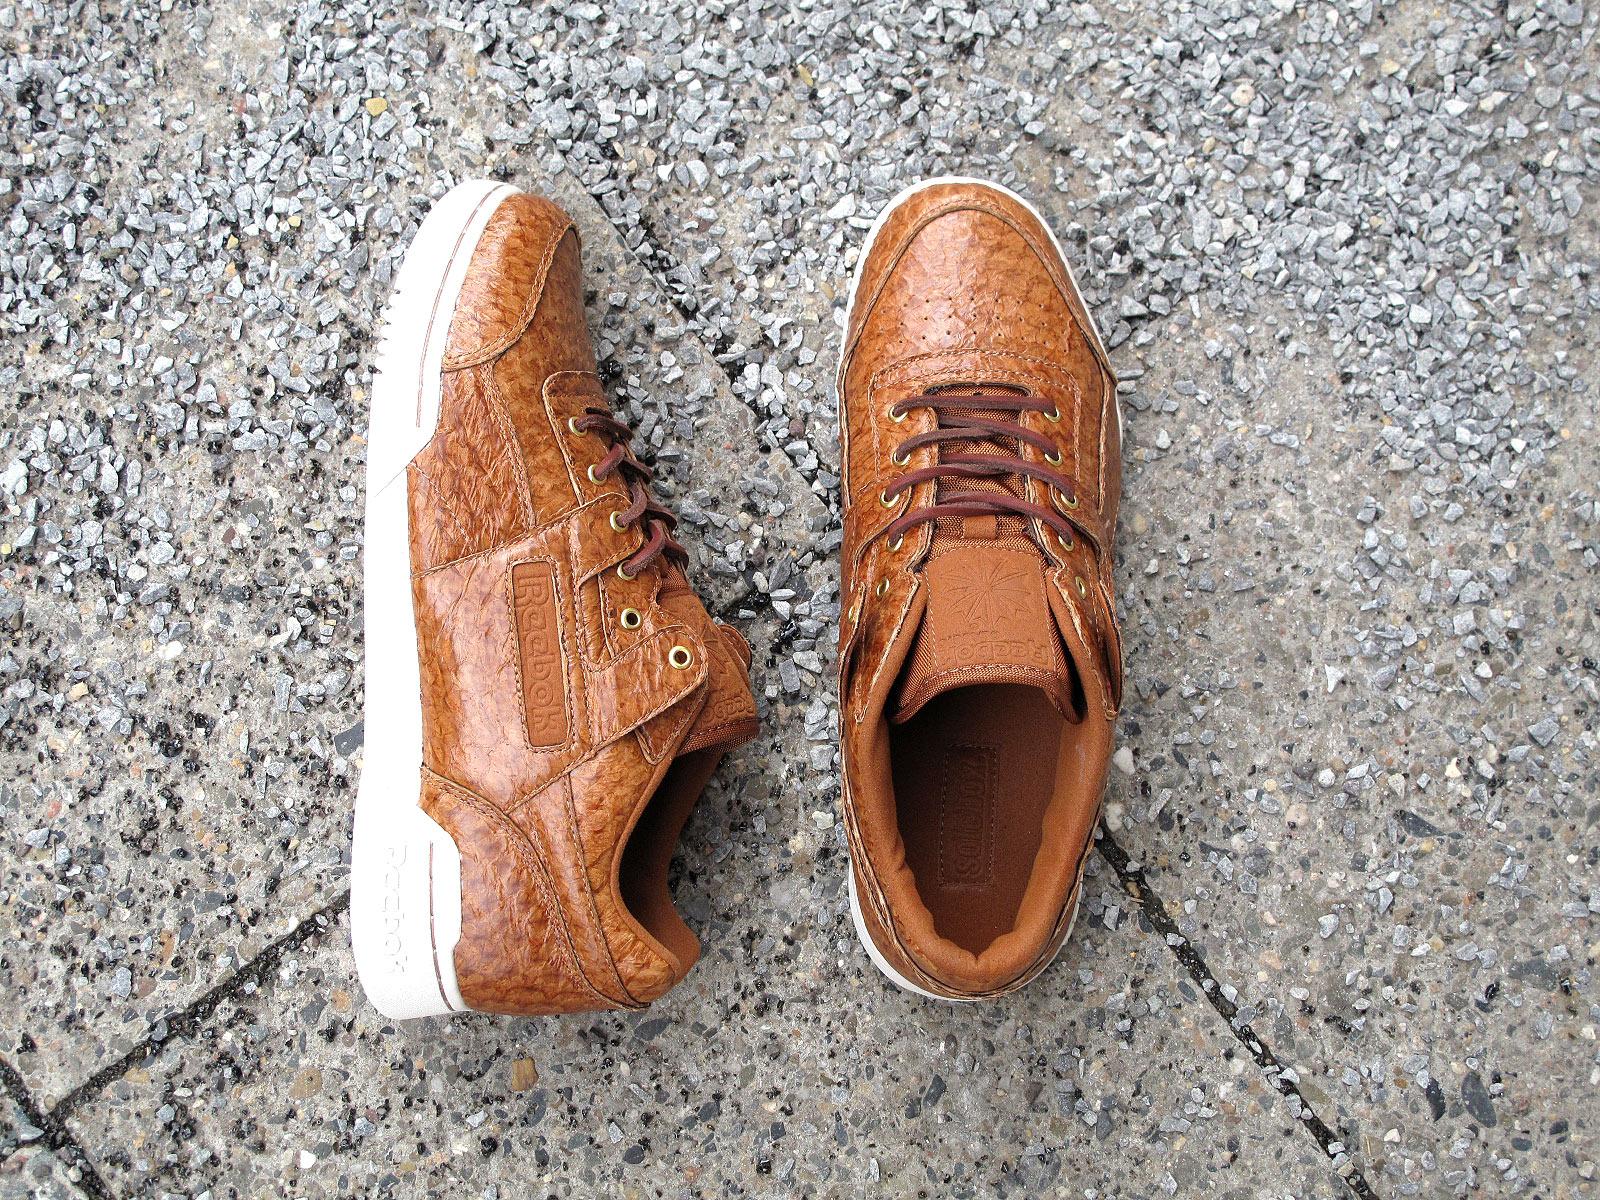 first rate 67183 4333a Den wohl exklusivsten Schuh hat Solebox für Reebok entworfen. Dazu wurde  Tilapia Fischleder verwendet, das ihn extrem edel macht.